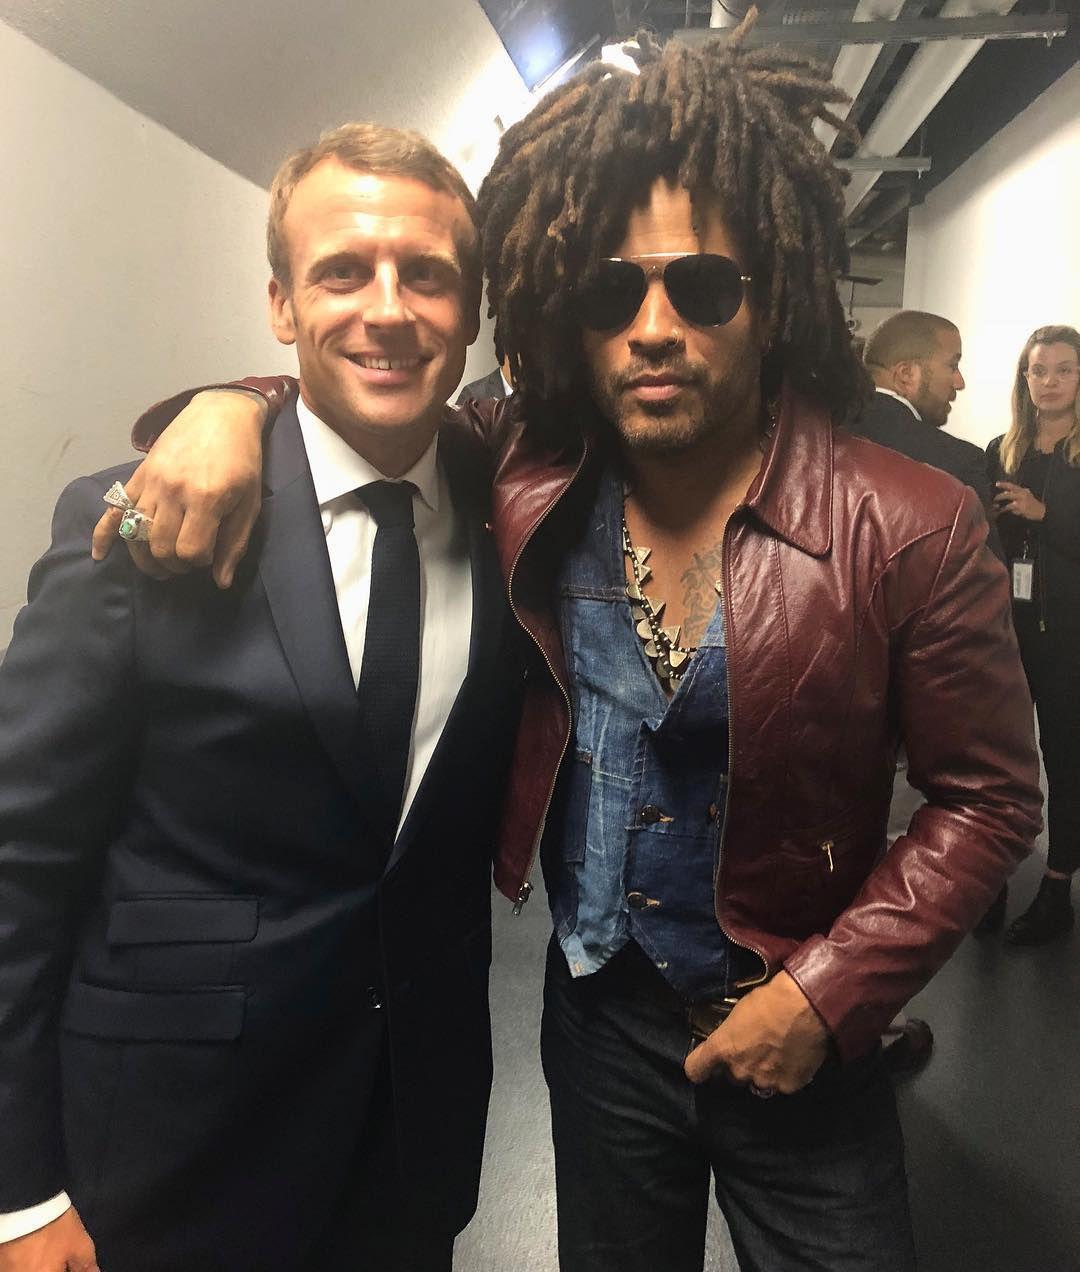 Lenny Kravitz i francuski predsjednik? Nismo mislili da ćemo ih vidjeti skupa, ali i to se dogodilo!